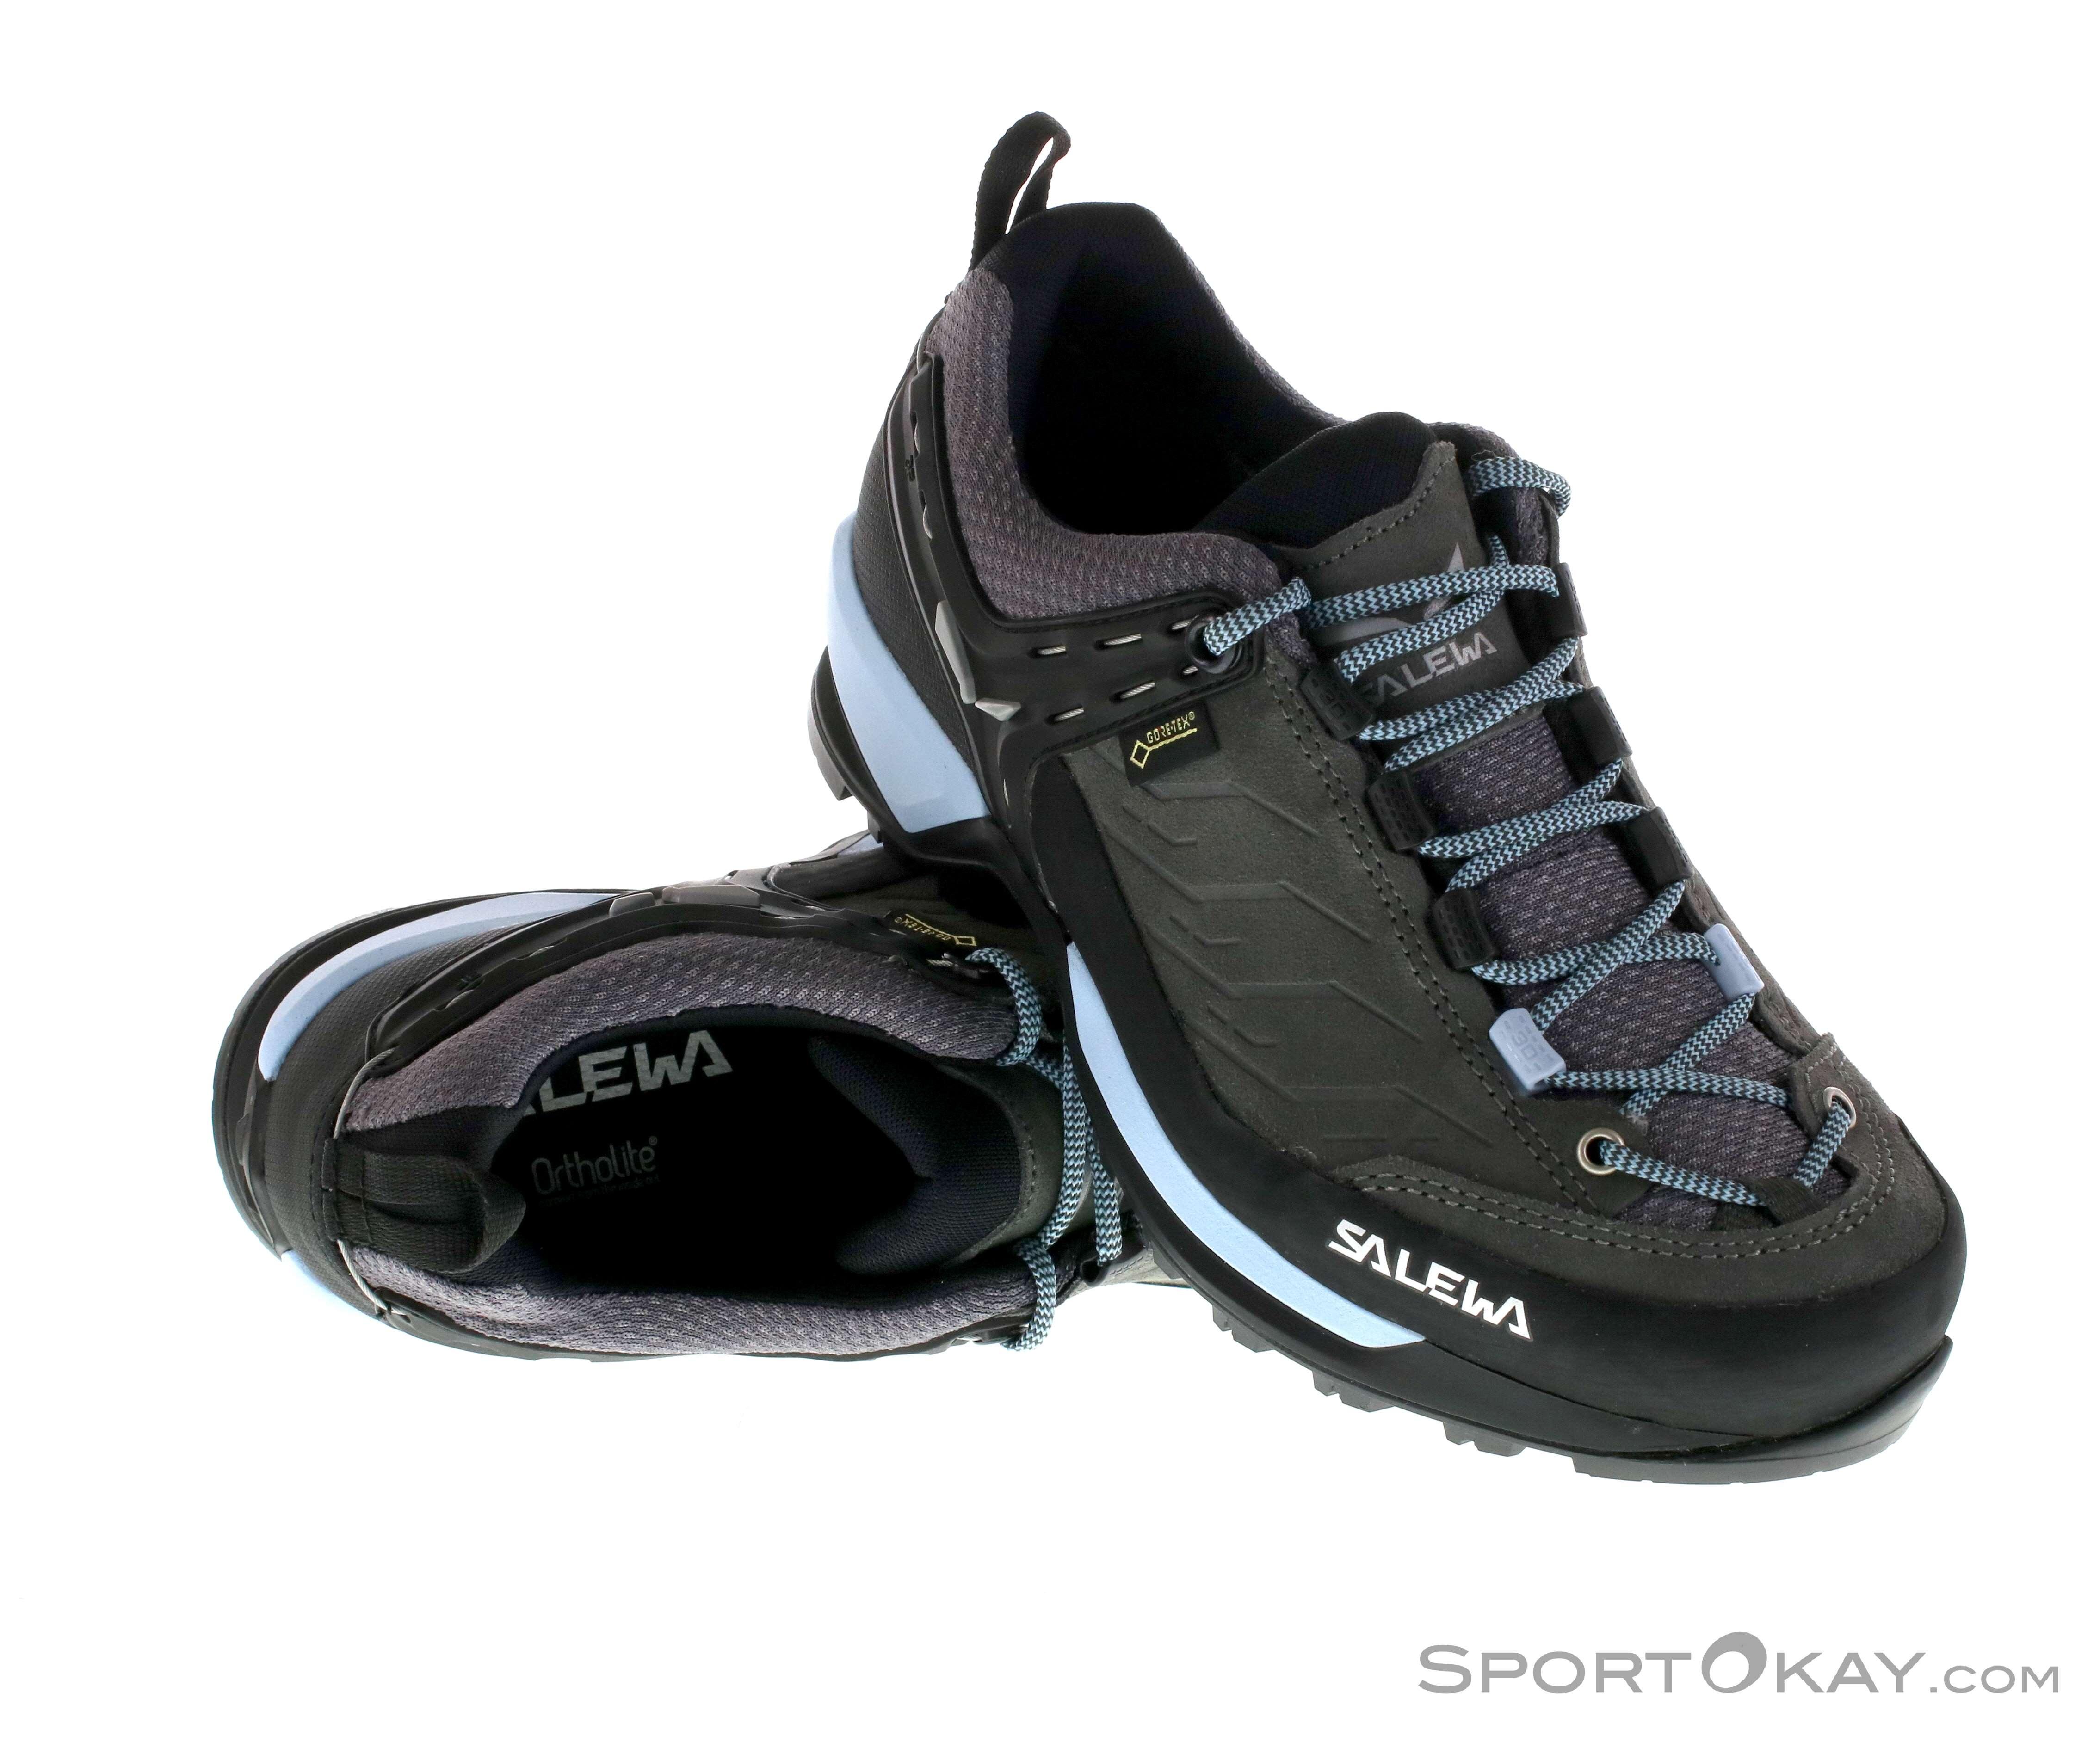 brand new 5869b 6428e Salewa Salewa MTN Trainer GTX Donna Scarpe da Escursionismo GoreTex